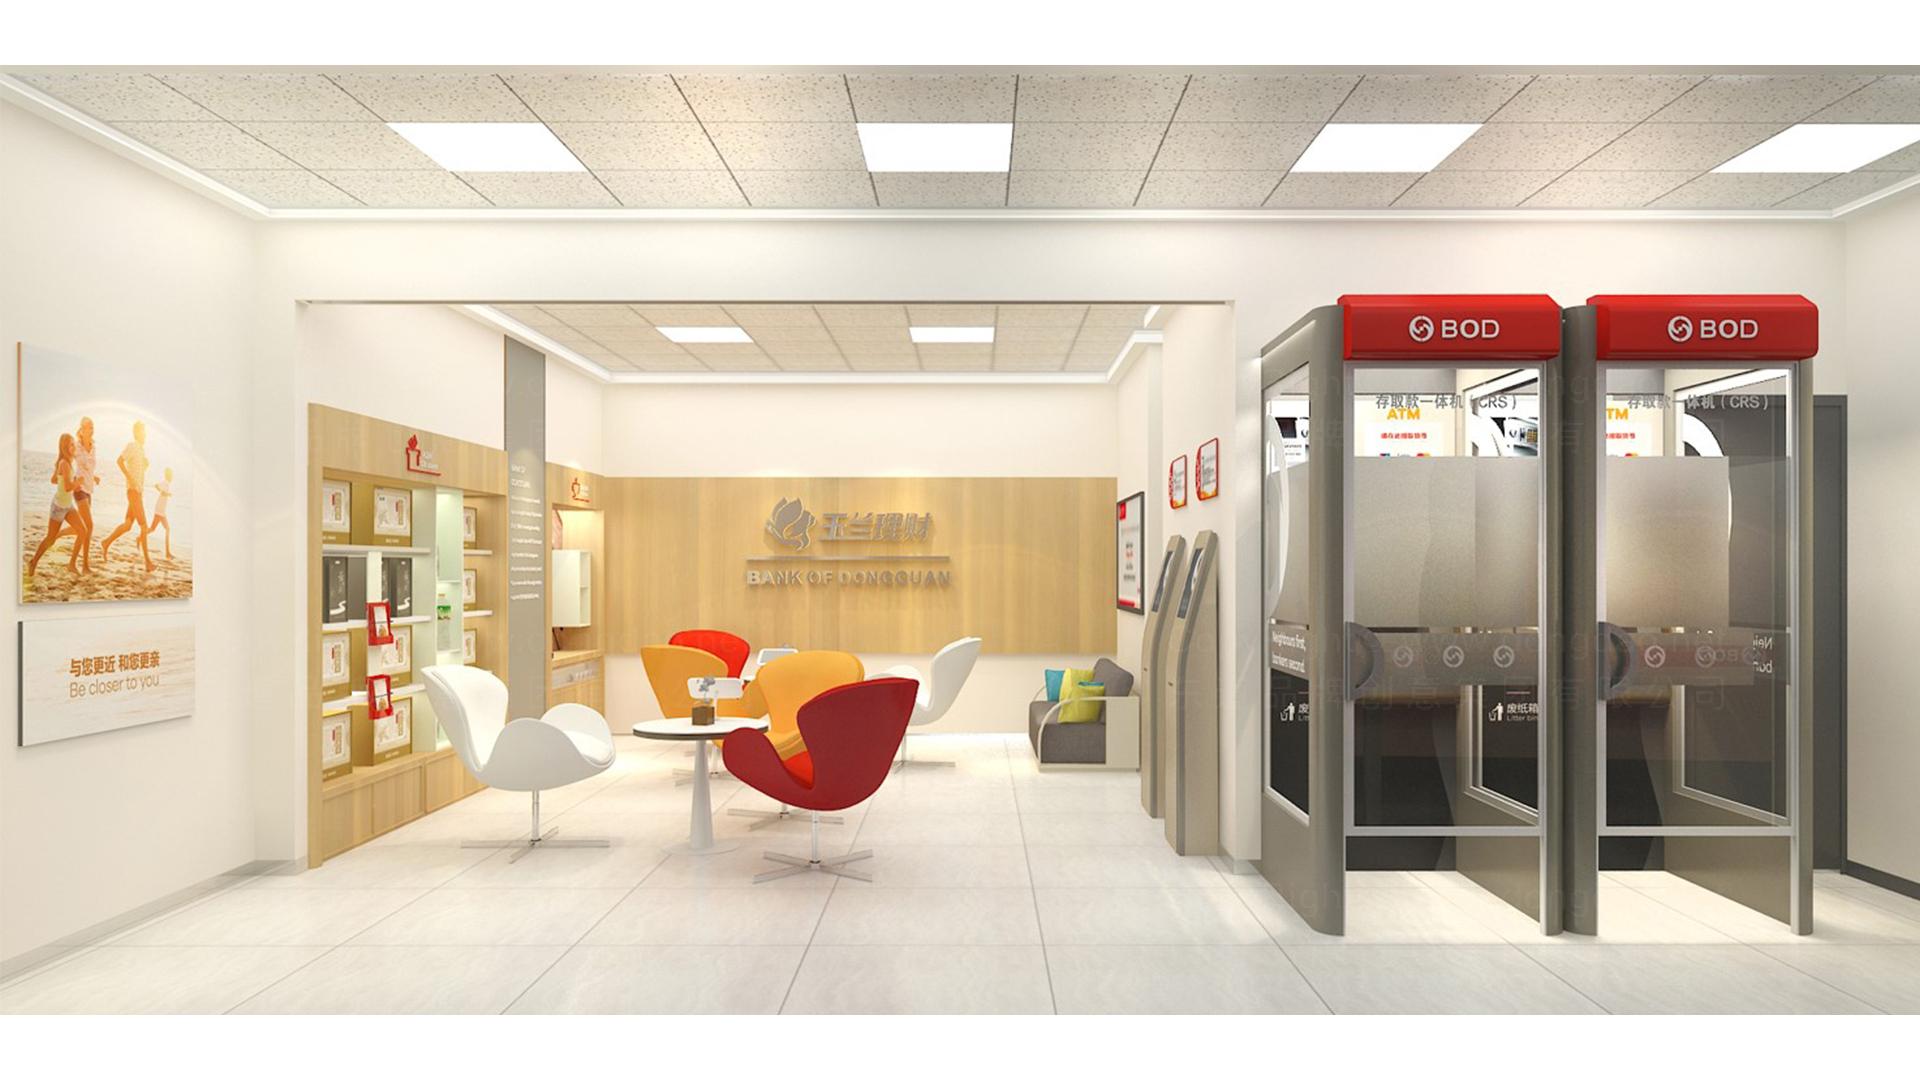 商业空间&导示东莞银行自助网点SI设计应用场景_2